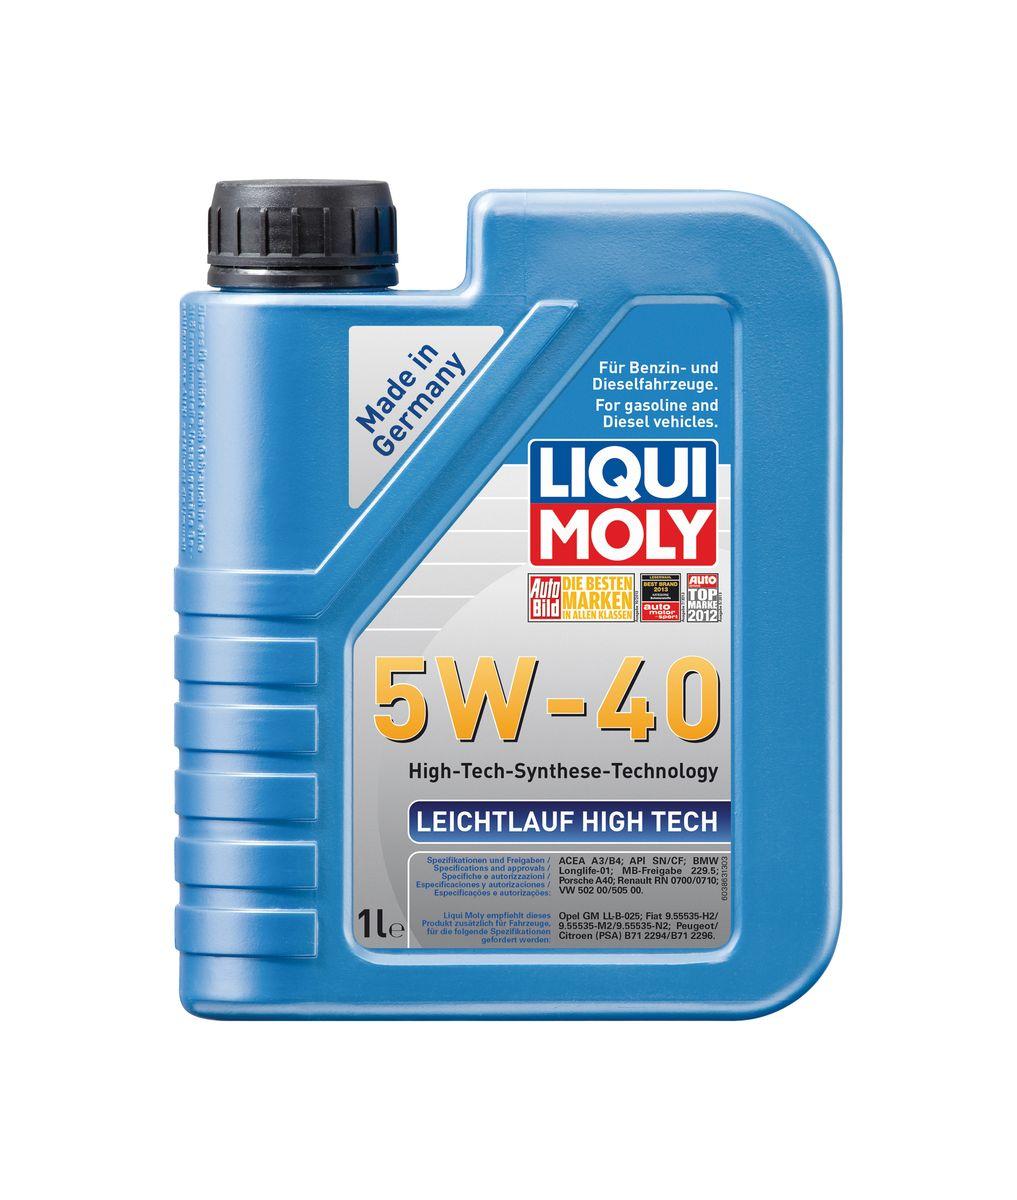 Масло моторное Liqui Moly Leichtlauf High Tech, НС-синтетическое, 5W-40, 1 л8028Масло моторное Liqui Moly Leichtlauf High Tech - универсальное моторное масло на базе гидрокрекинговой технологии синтеза (HC-синтеза). Удовлетворяет современным требованиям международных стандартов API и ACEA, а также имеет оригинальные допуски таких производителей, как Mercedes-Benz, Volkswagen Group. Масло имеет высокую стабильность к окислению и угару, поэтому может использоваться в нагруженных бензиновых и дизельных двигателях с турбонаддувом и интеркулером. В моторном масле Leichtlauf High Tec 5W-40 используются базовые компоненты, произведенные по новейшим технологиям синтеза и отличающиеся высочайшими защитными свойствами. Масло содержит специальный пакет присадок, который обеспечивает высочайший уровень защиты от износа, предотвращает образование и накопление отложений в масляной системе и гарантирует стабильное поступление масла ко всем деталям двигателя. Особенности: - Быстрое поступление масла к деталям двигателя при низких температурах- Очень высокая защита от износа и надежность смазывания- Очень низкий расход масла- Отличная чистота двигателя- Экономия топлива и снижение вредных выбросов- Проверено на турбированных двигателях и катализатореЗа счет новейших технологий синтеза масла линейки Leichtlauf практически не уступают классической ПАО-синтетике, оставаясь при этом более доступными по цене. Также благодаря наличию оригинальных допусков производителей автомобилей, использование Leichtlauf 5W-40 позволяет сохранить все гарантийные условия при прохождении ТО.Допуск:- API: CF/SN- ACEA: A3/B4- BMW: Longlife-01- MB: 229.5- Porsche: A40- Renault: RN 0700- VW: 502 00/505 00Соответствие:- Chrysler: MS-10725/MS-10850- Fiat: 9.55535-Z2/9.55535-H2/9.55535-M2/9.55535-N2- PSA: B71 2294/B71 2296- Opel: GM-LL-B025